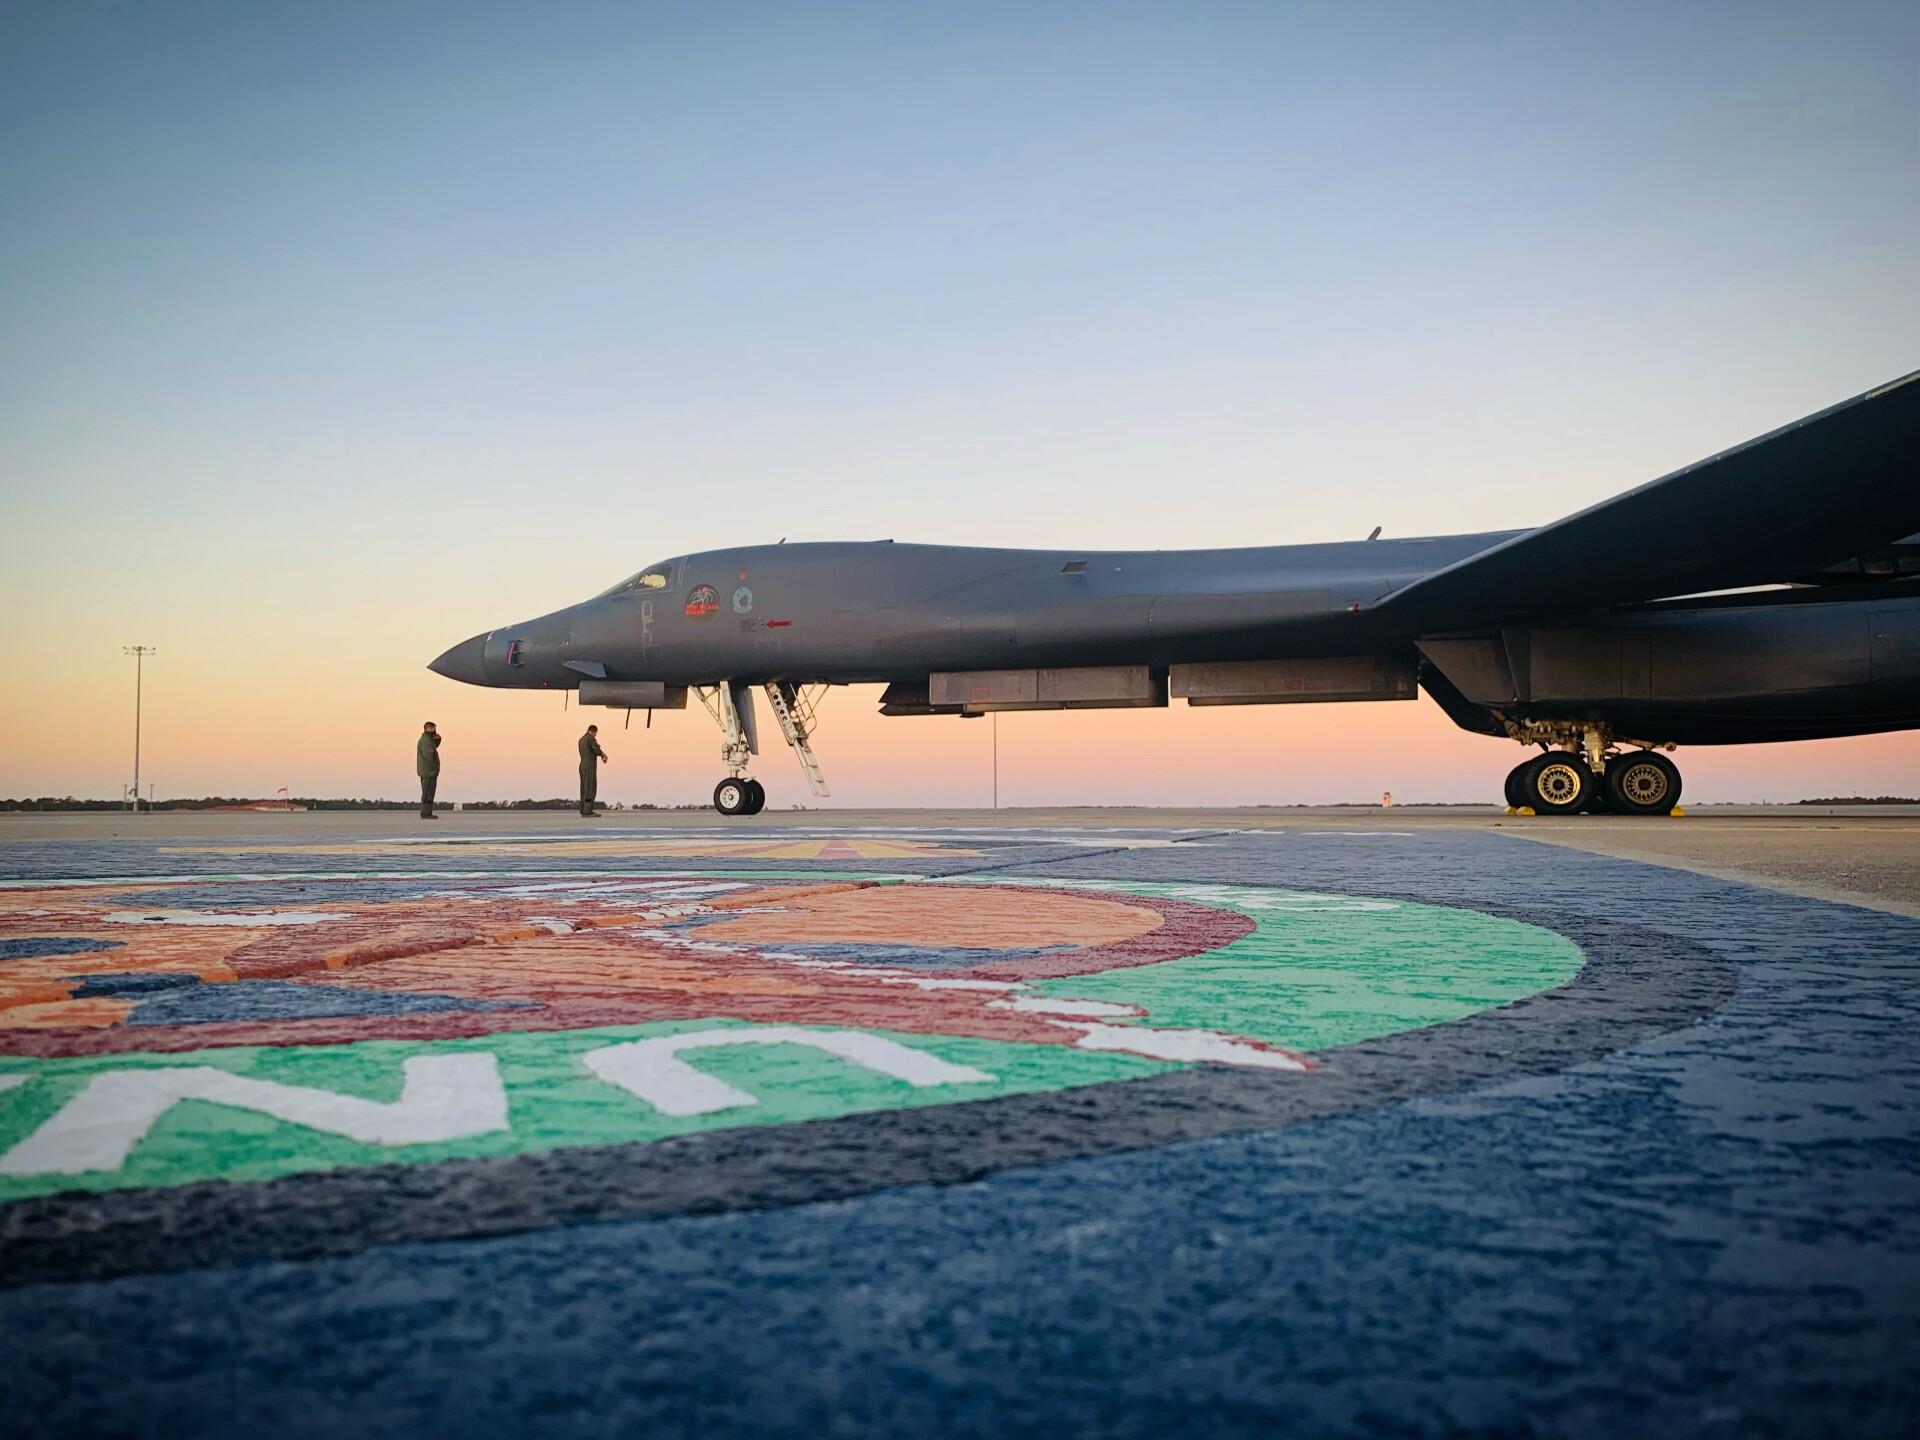 b-2-bomber-macdill-afb-for-superbowl-lv.JPG